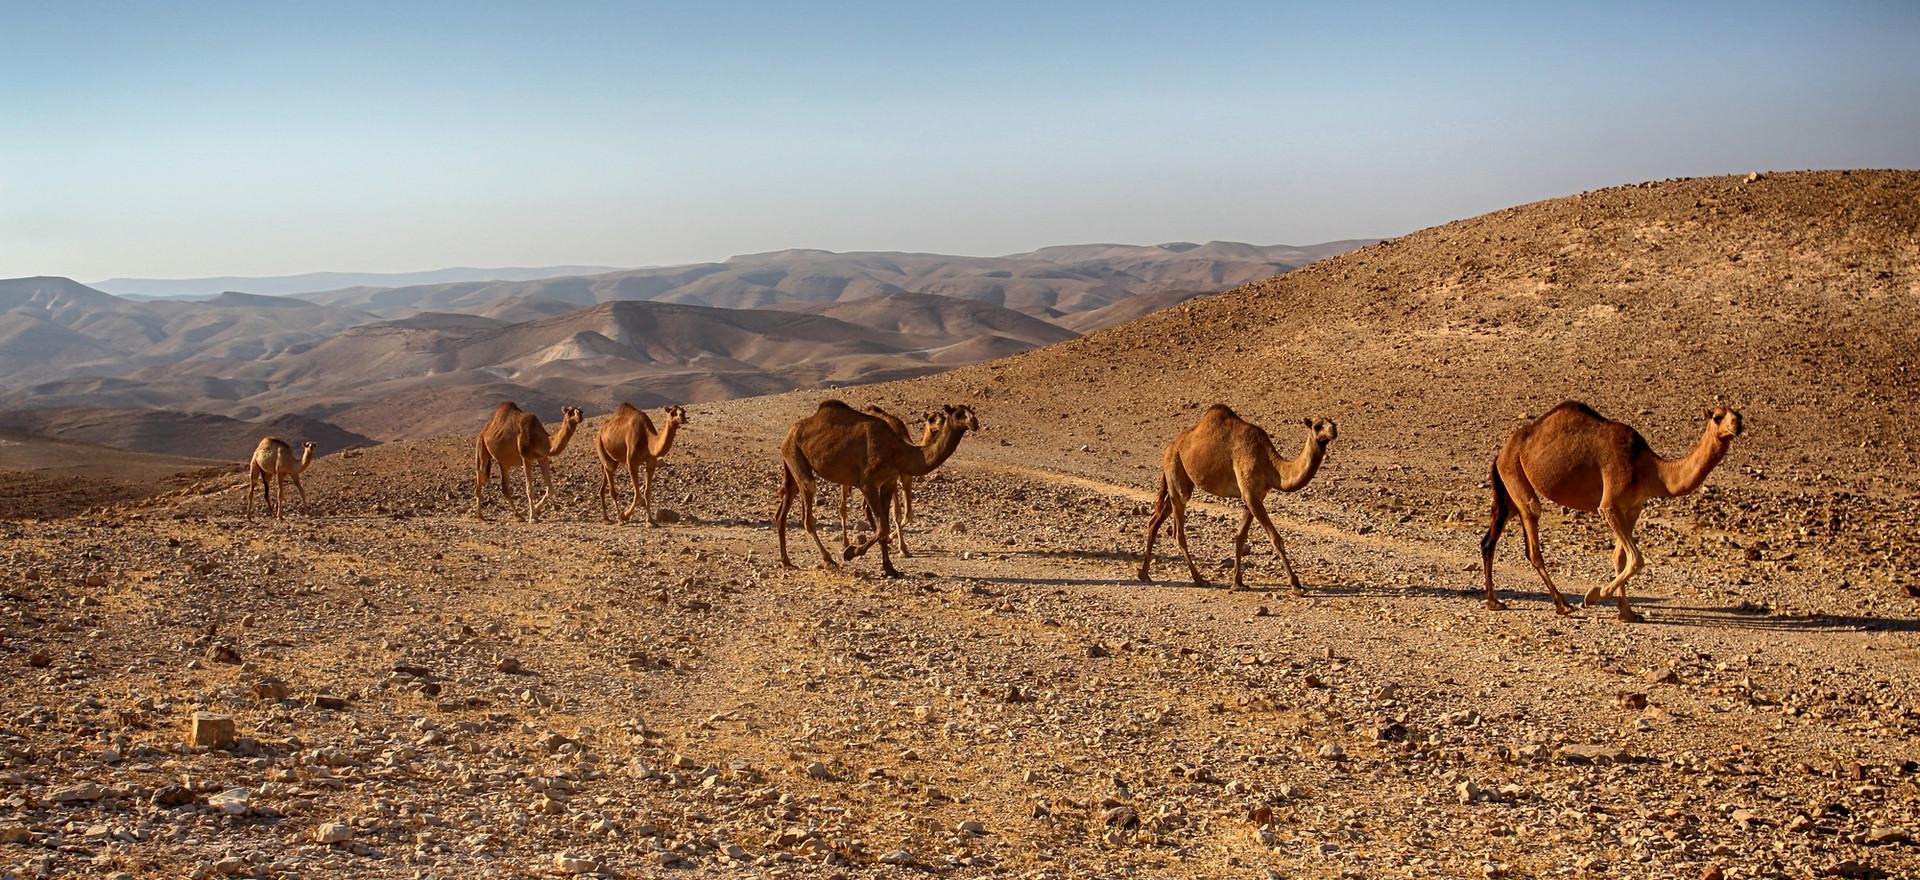 Israeli Deserts - Part 2: The Endlessness of the Negev Desert